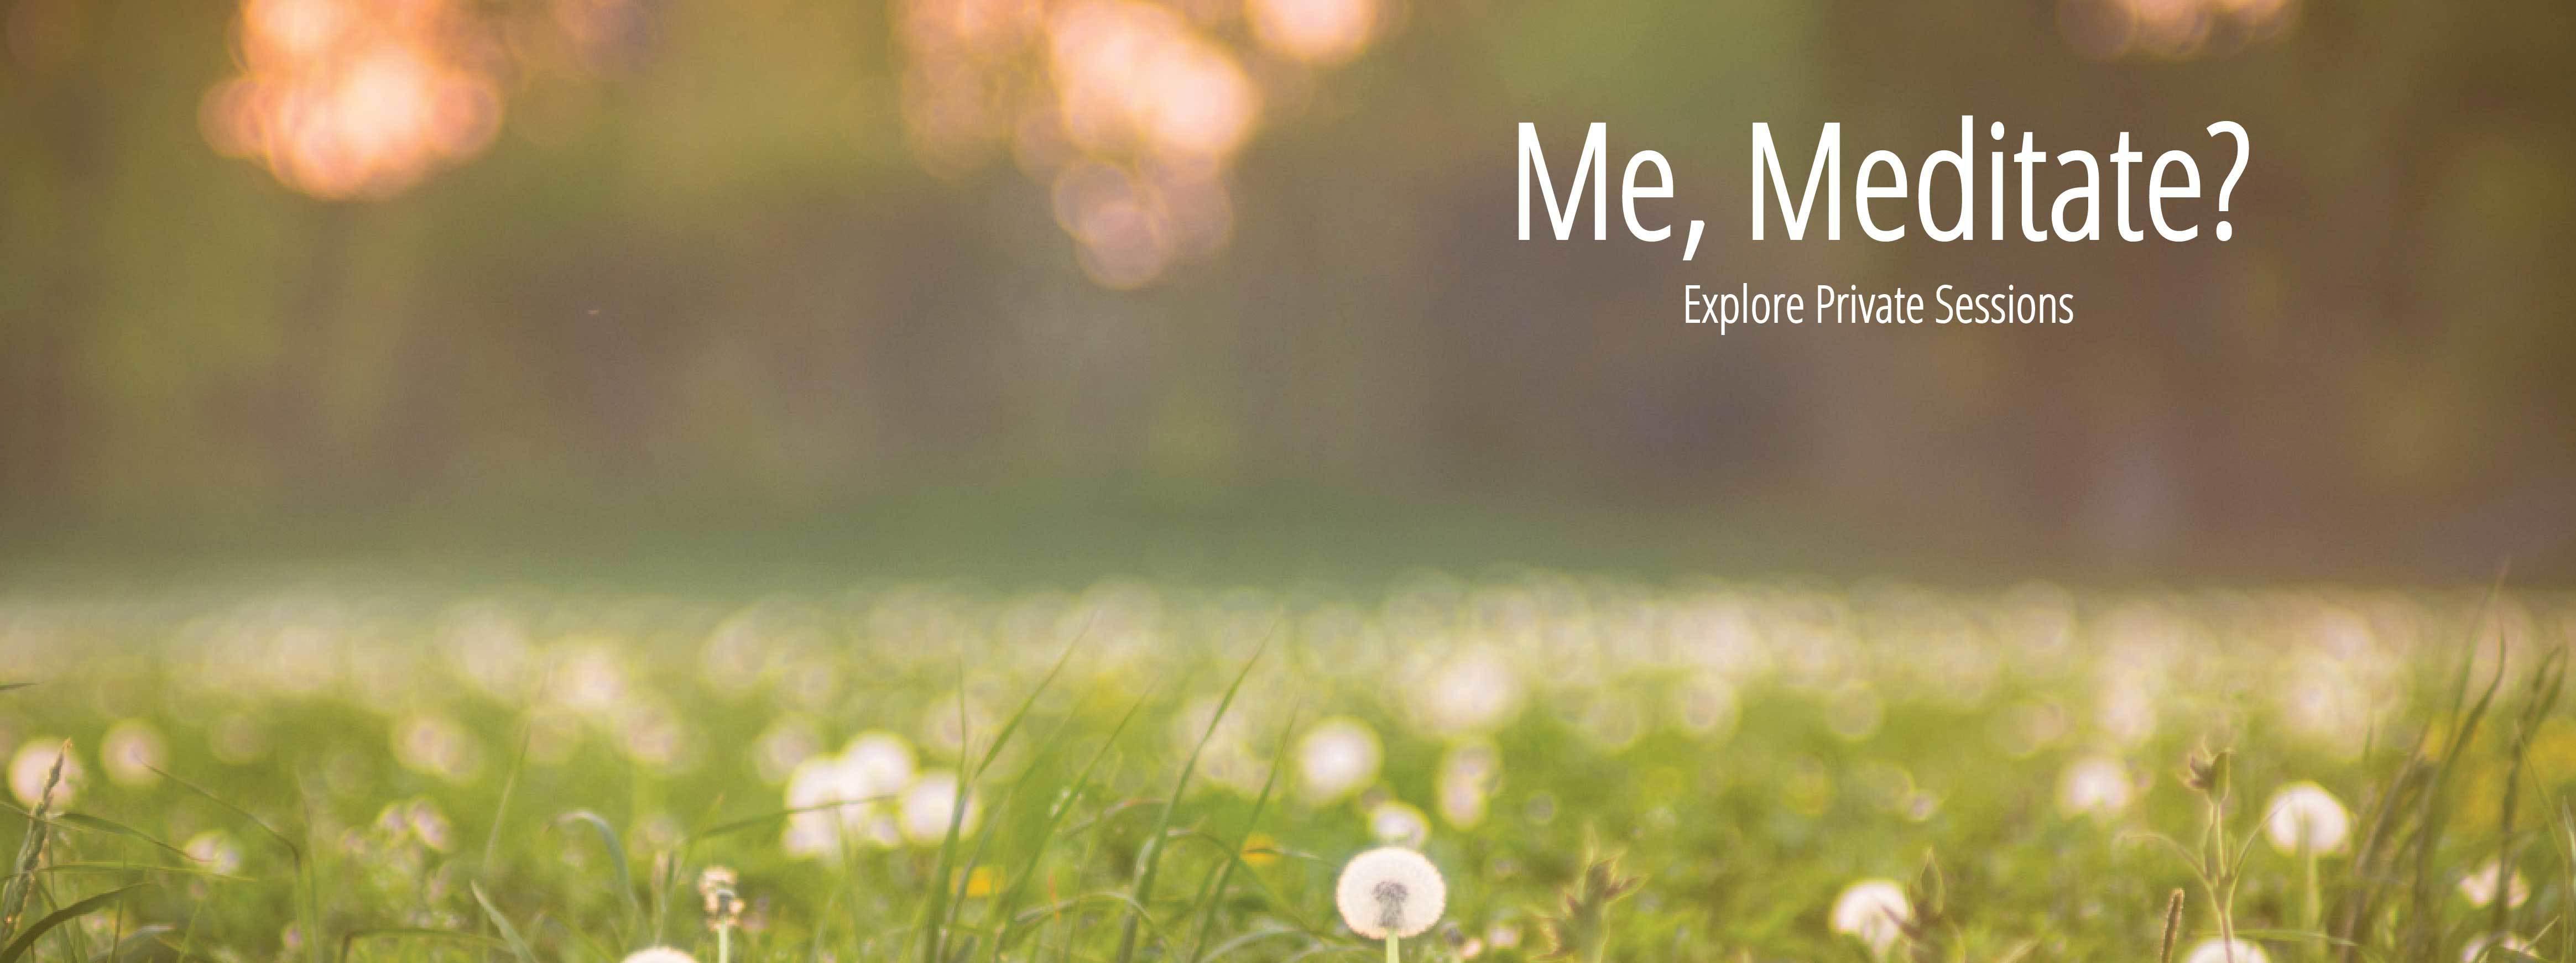 Me, Meditate?